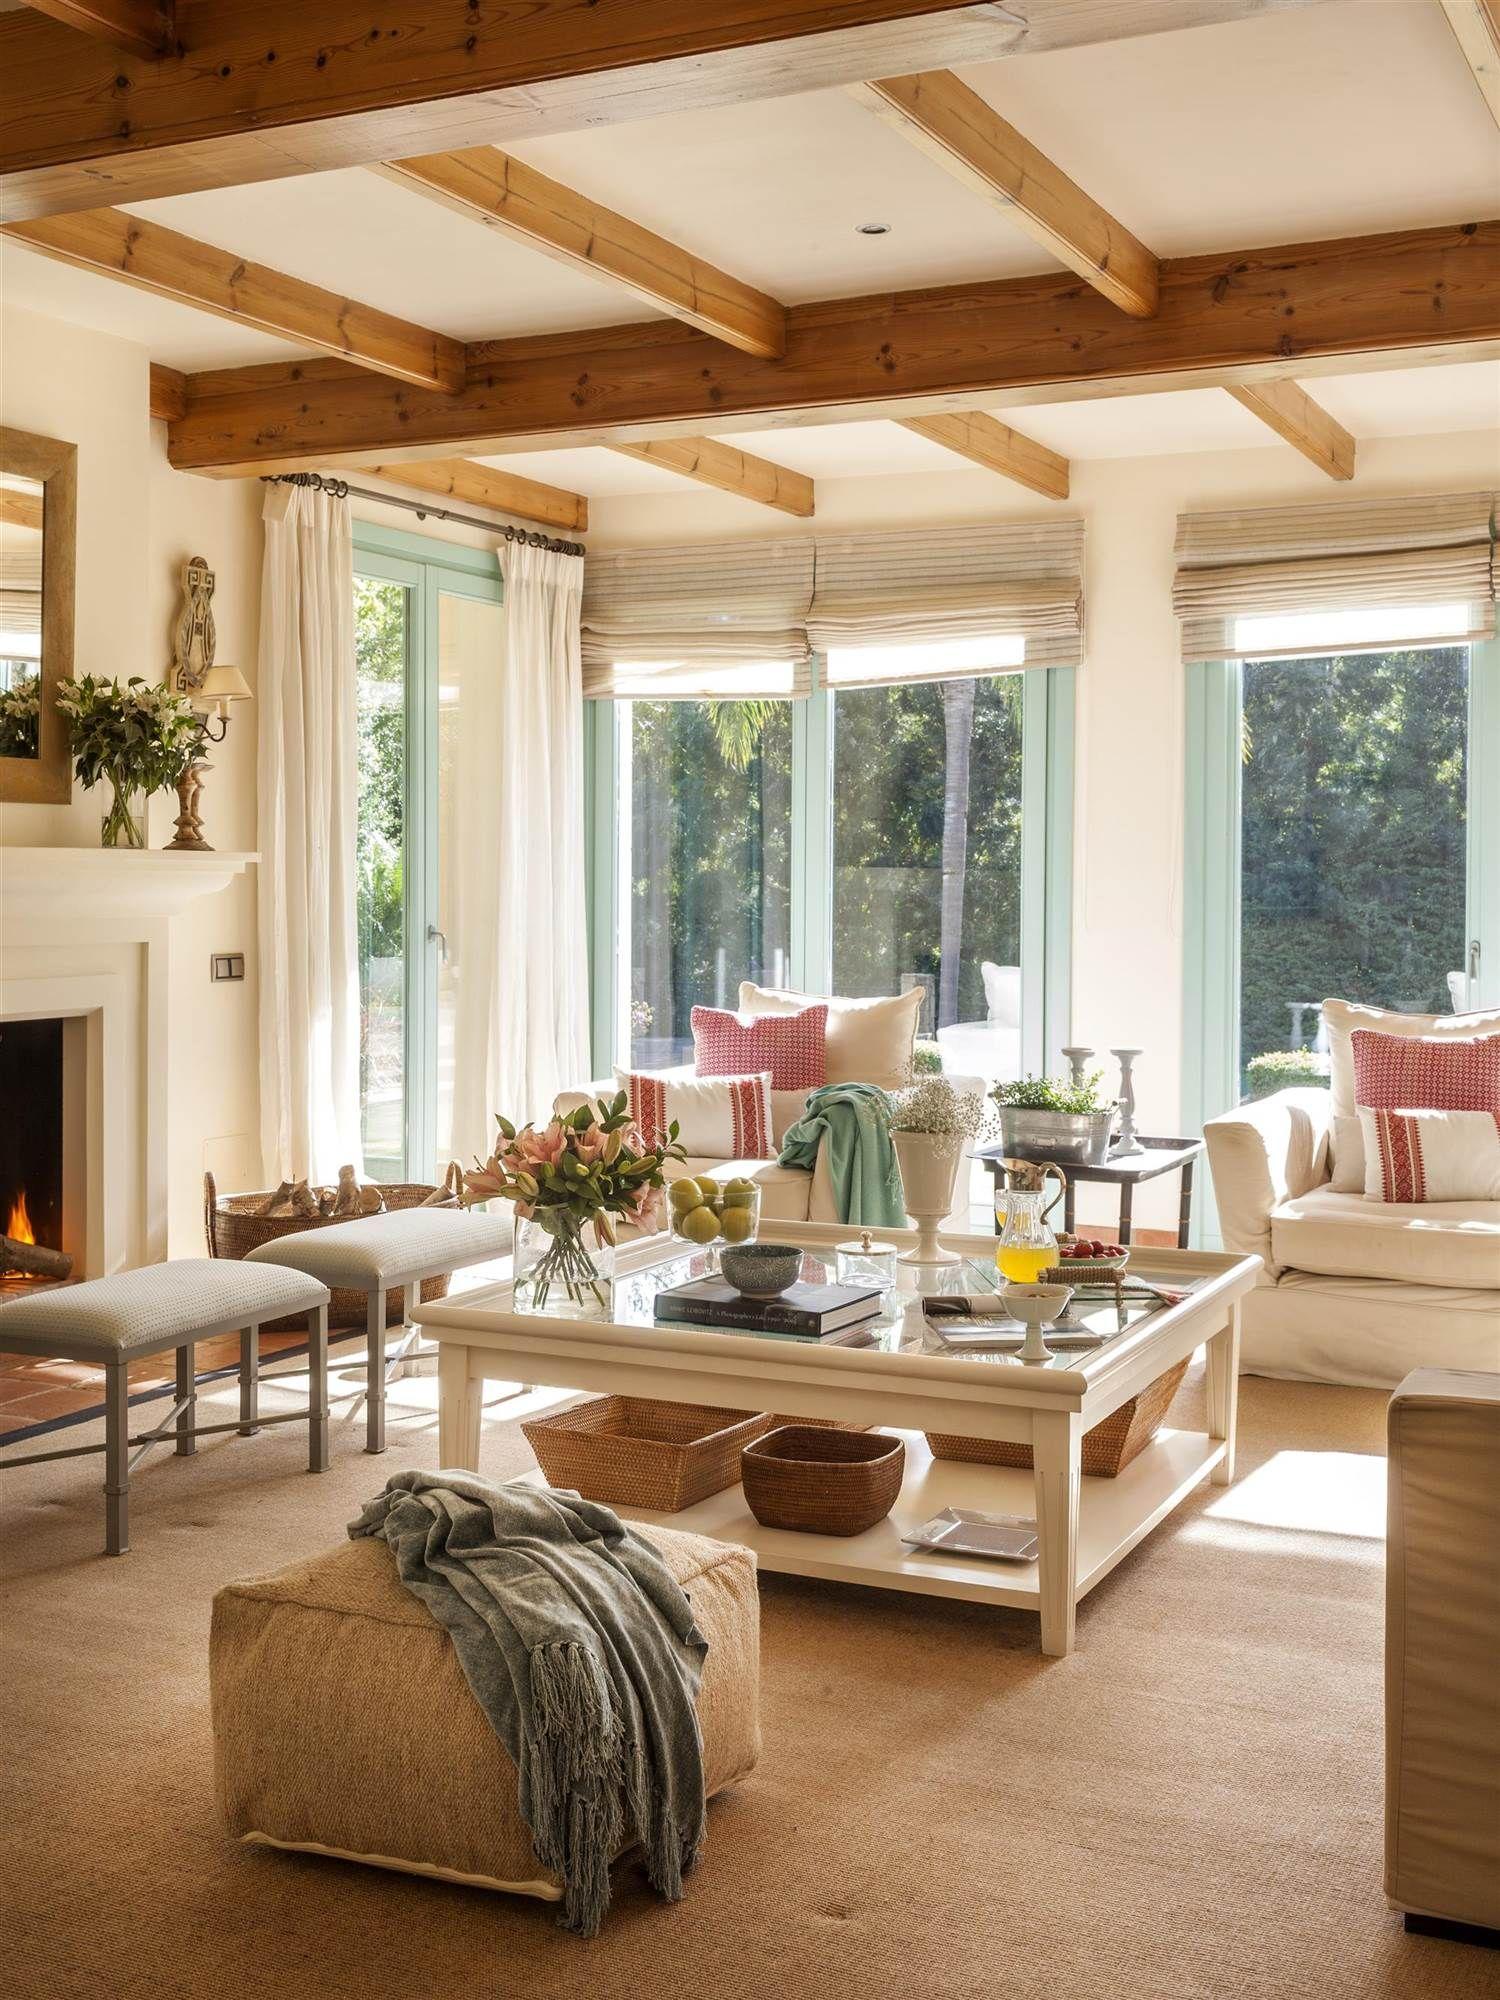 El abrazo de la madera salones vigas decorativas - Chimeneas decorativas en madera ...